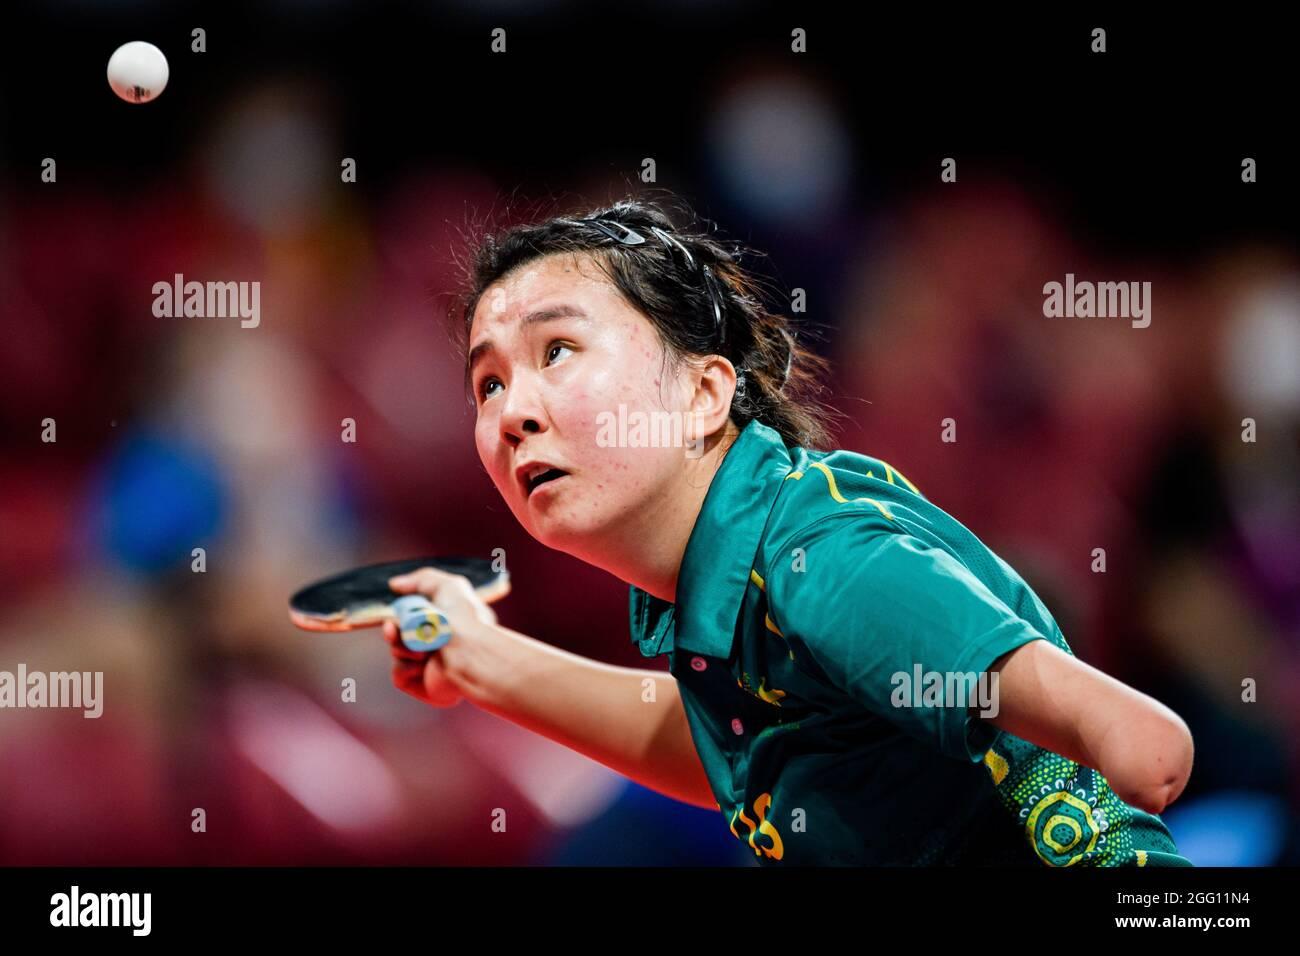 TOKYO, GIAPPONE. 28 agosto 2021. Yang Qian of Australia compete in Donne singole - Classe 10 Quarterfinal 2 durante il Ping-pong QF SM e le finali dei Giochi Paralimpici di Tokyo 2020 allo Stadio Olimpico Sabato 28 agosto 2021 a TOKYO, GIAPPONE. Credit: Taka G Wu/Alamy Live News Foto Stock